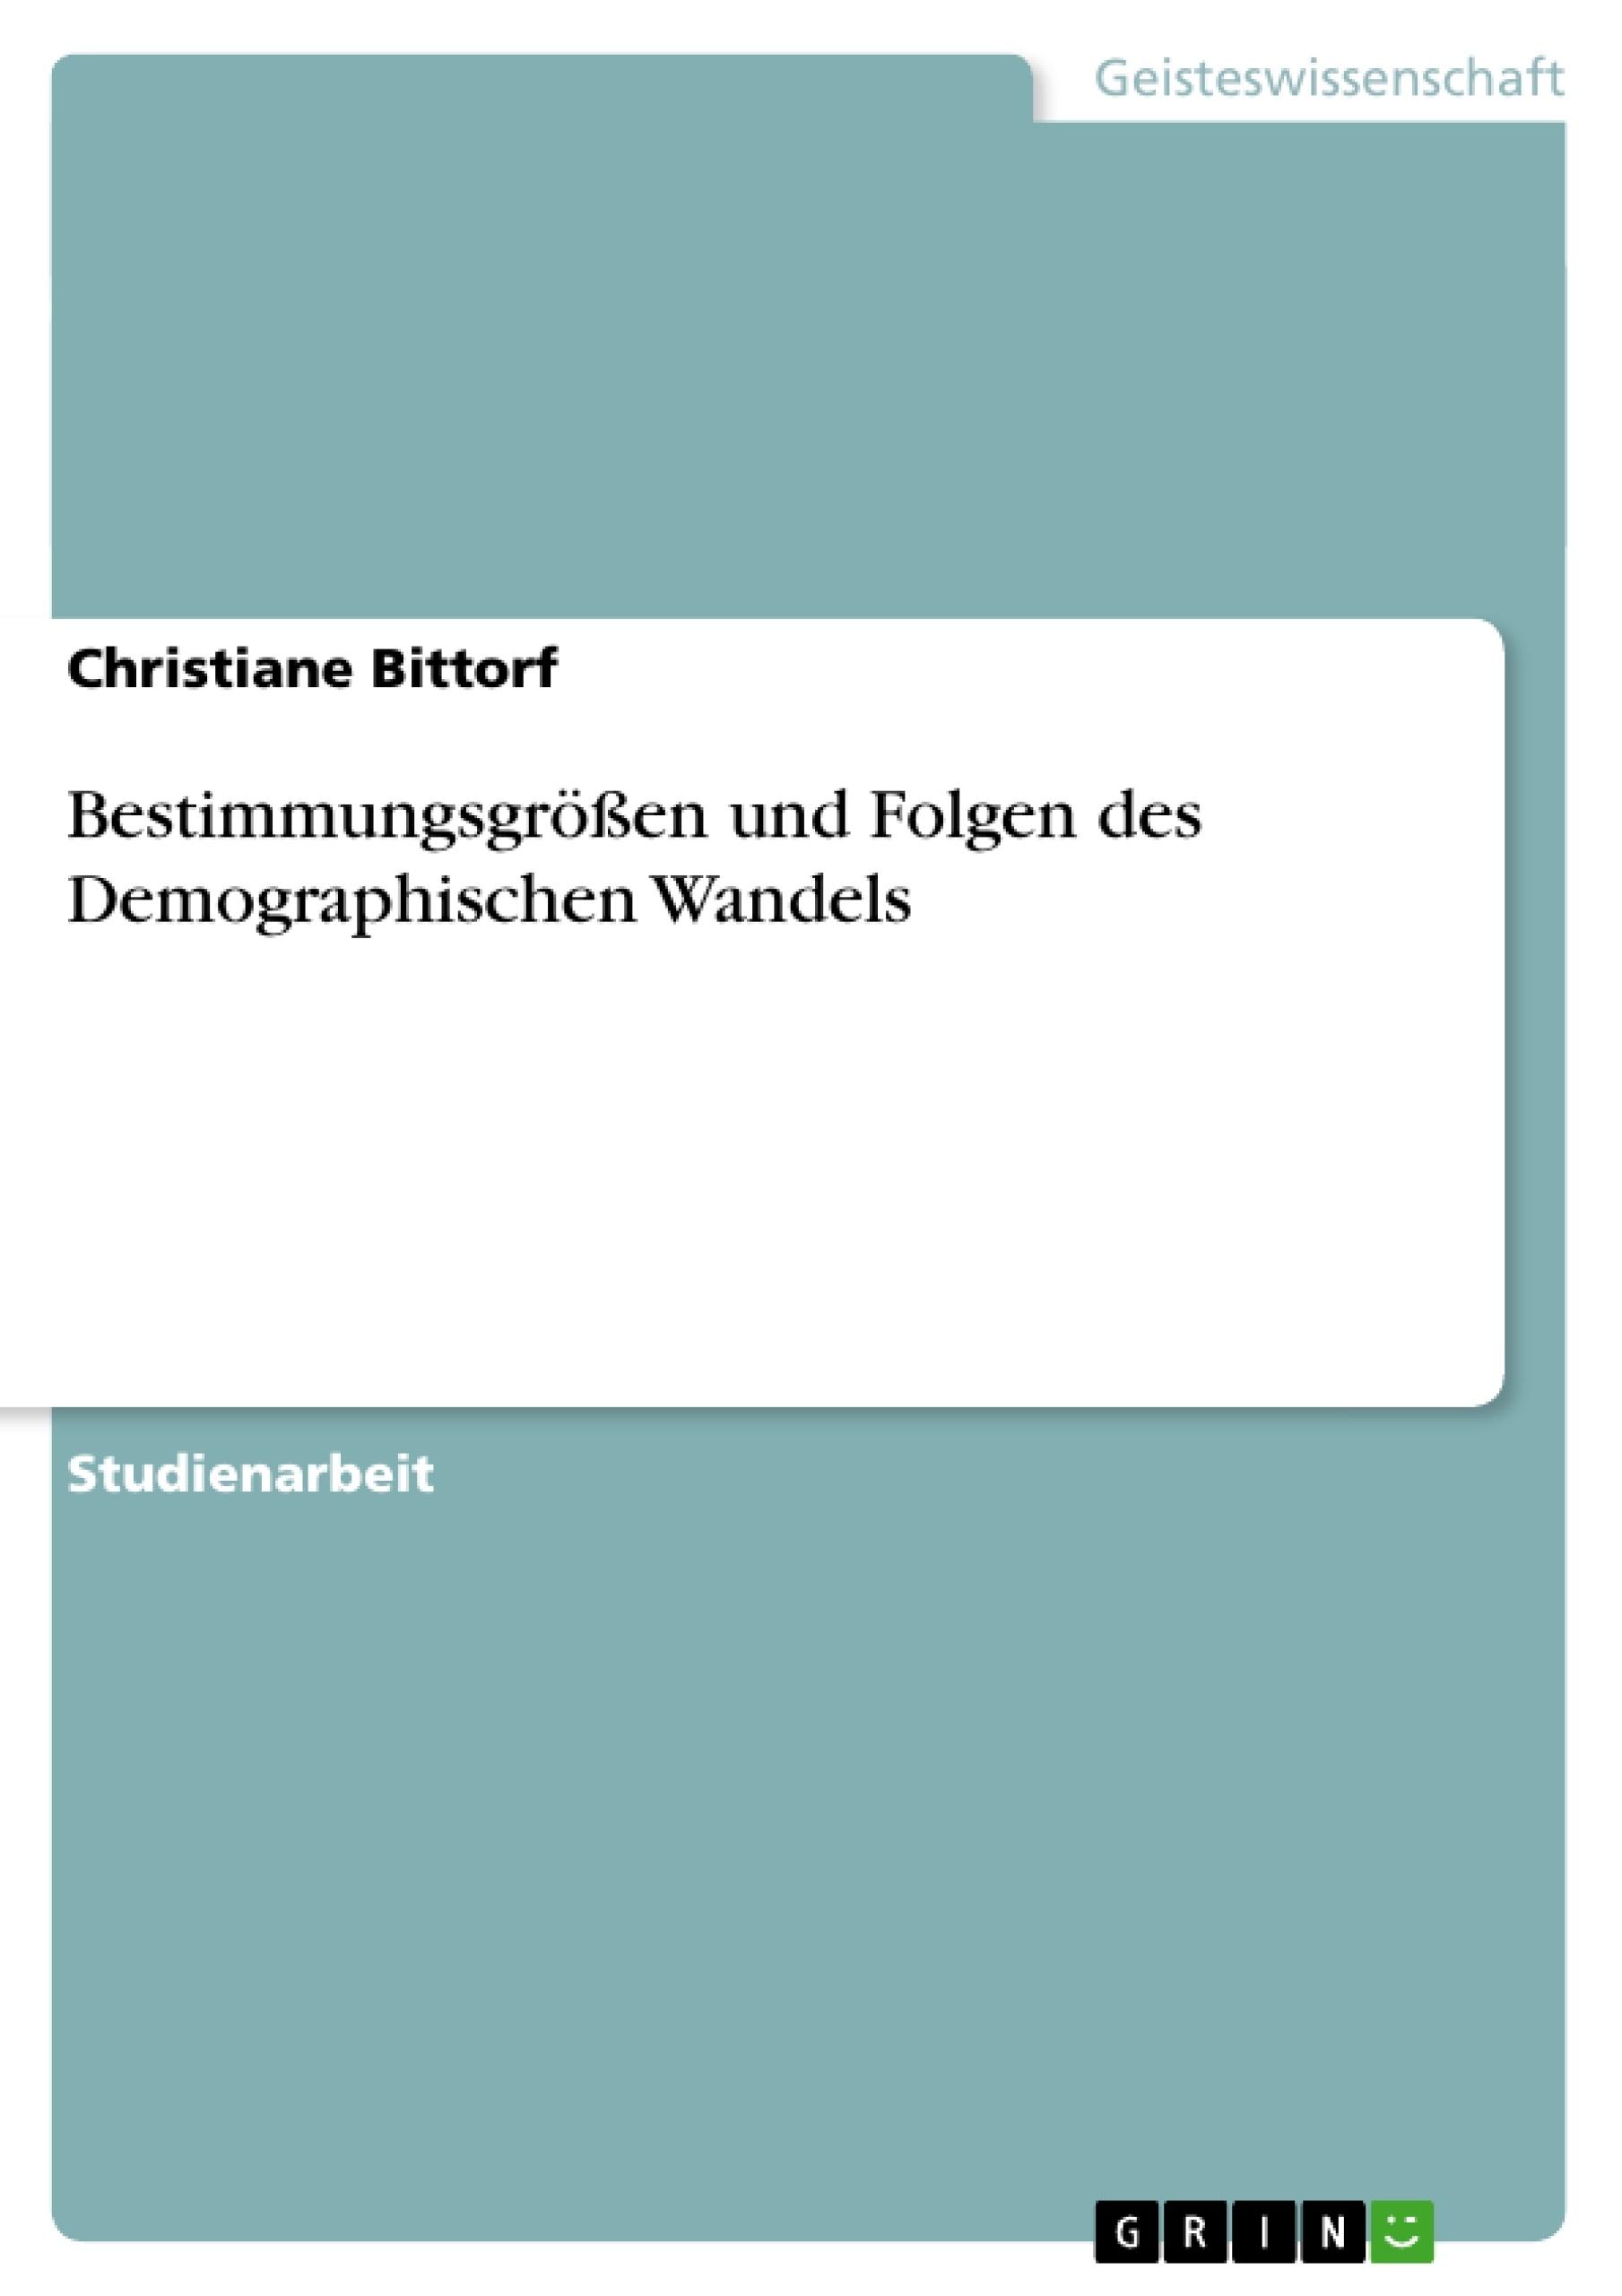 Titel: Bestimmungsgrößen und Folgen des Demographischen Wandels